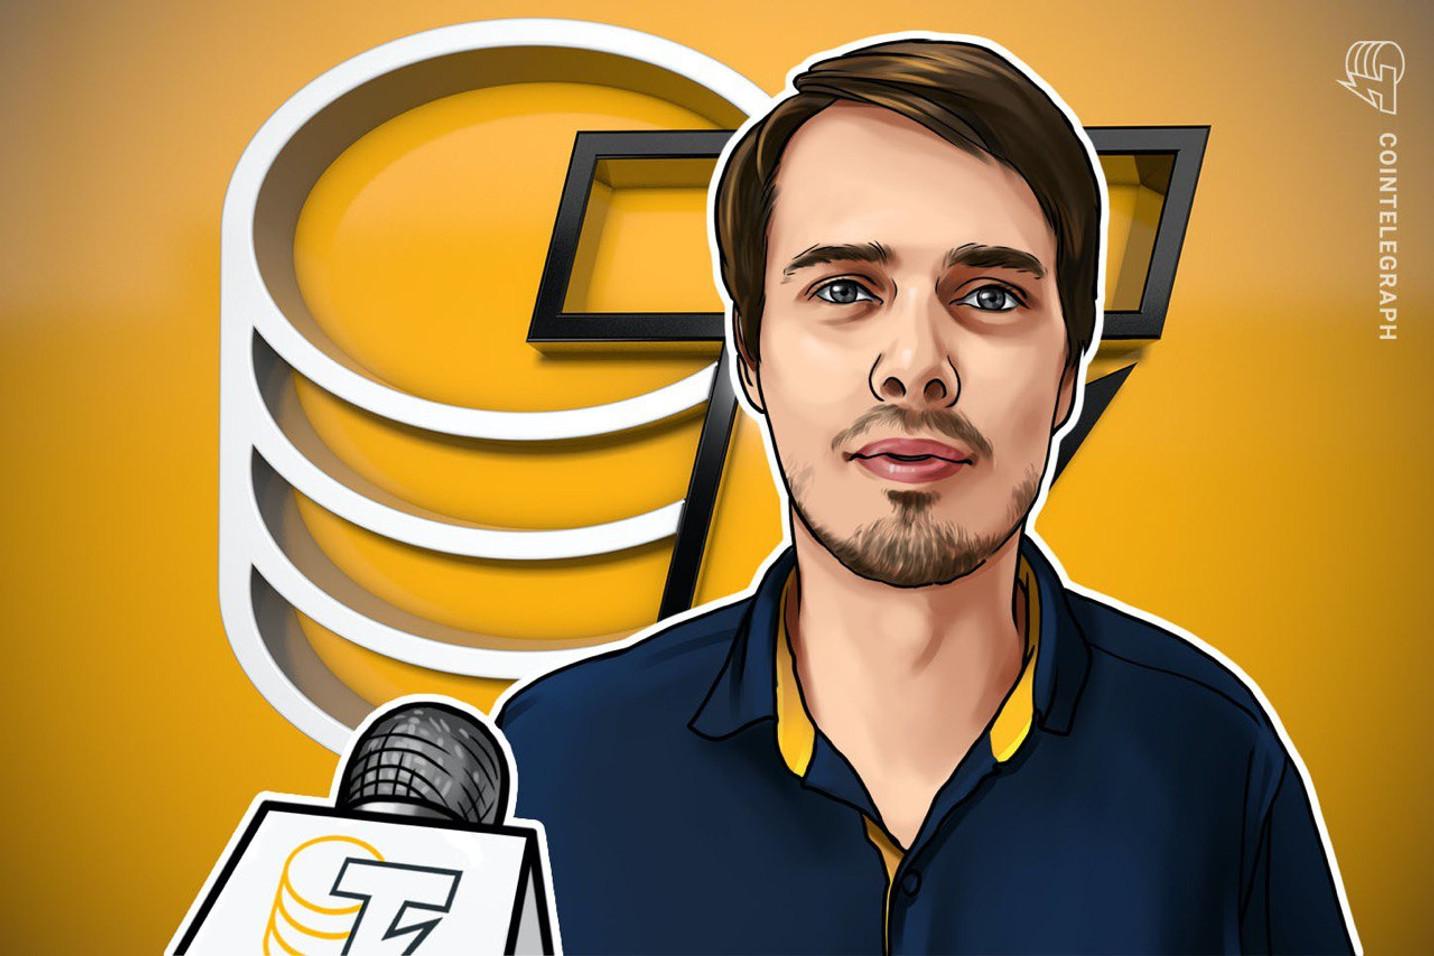 """Jori Armbruster CEO de EthicHub:""""Más de USD 150 mil dólares en préstamos a pequeños agricultores en México con nuestra plataforma Blockchain"""""""